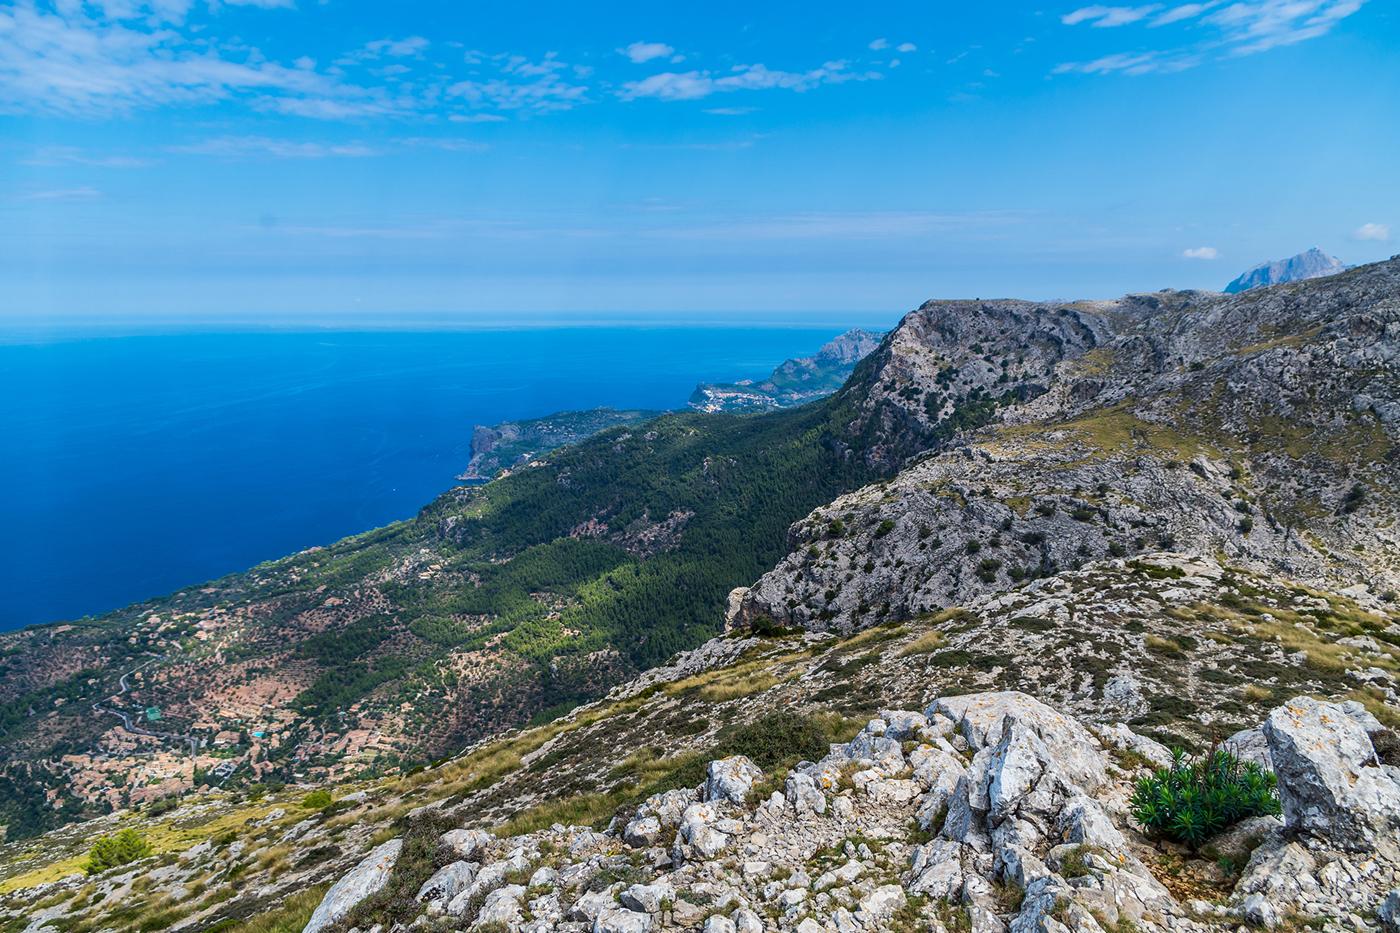 Rejser Til Mallorca Vandreferie I Mallorcas Bjerge